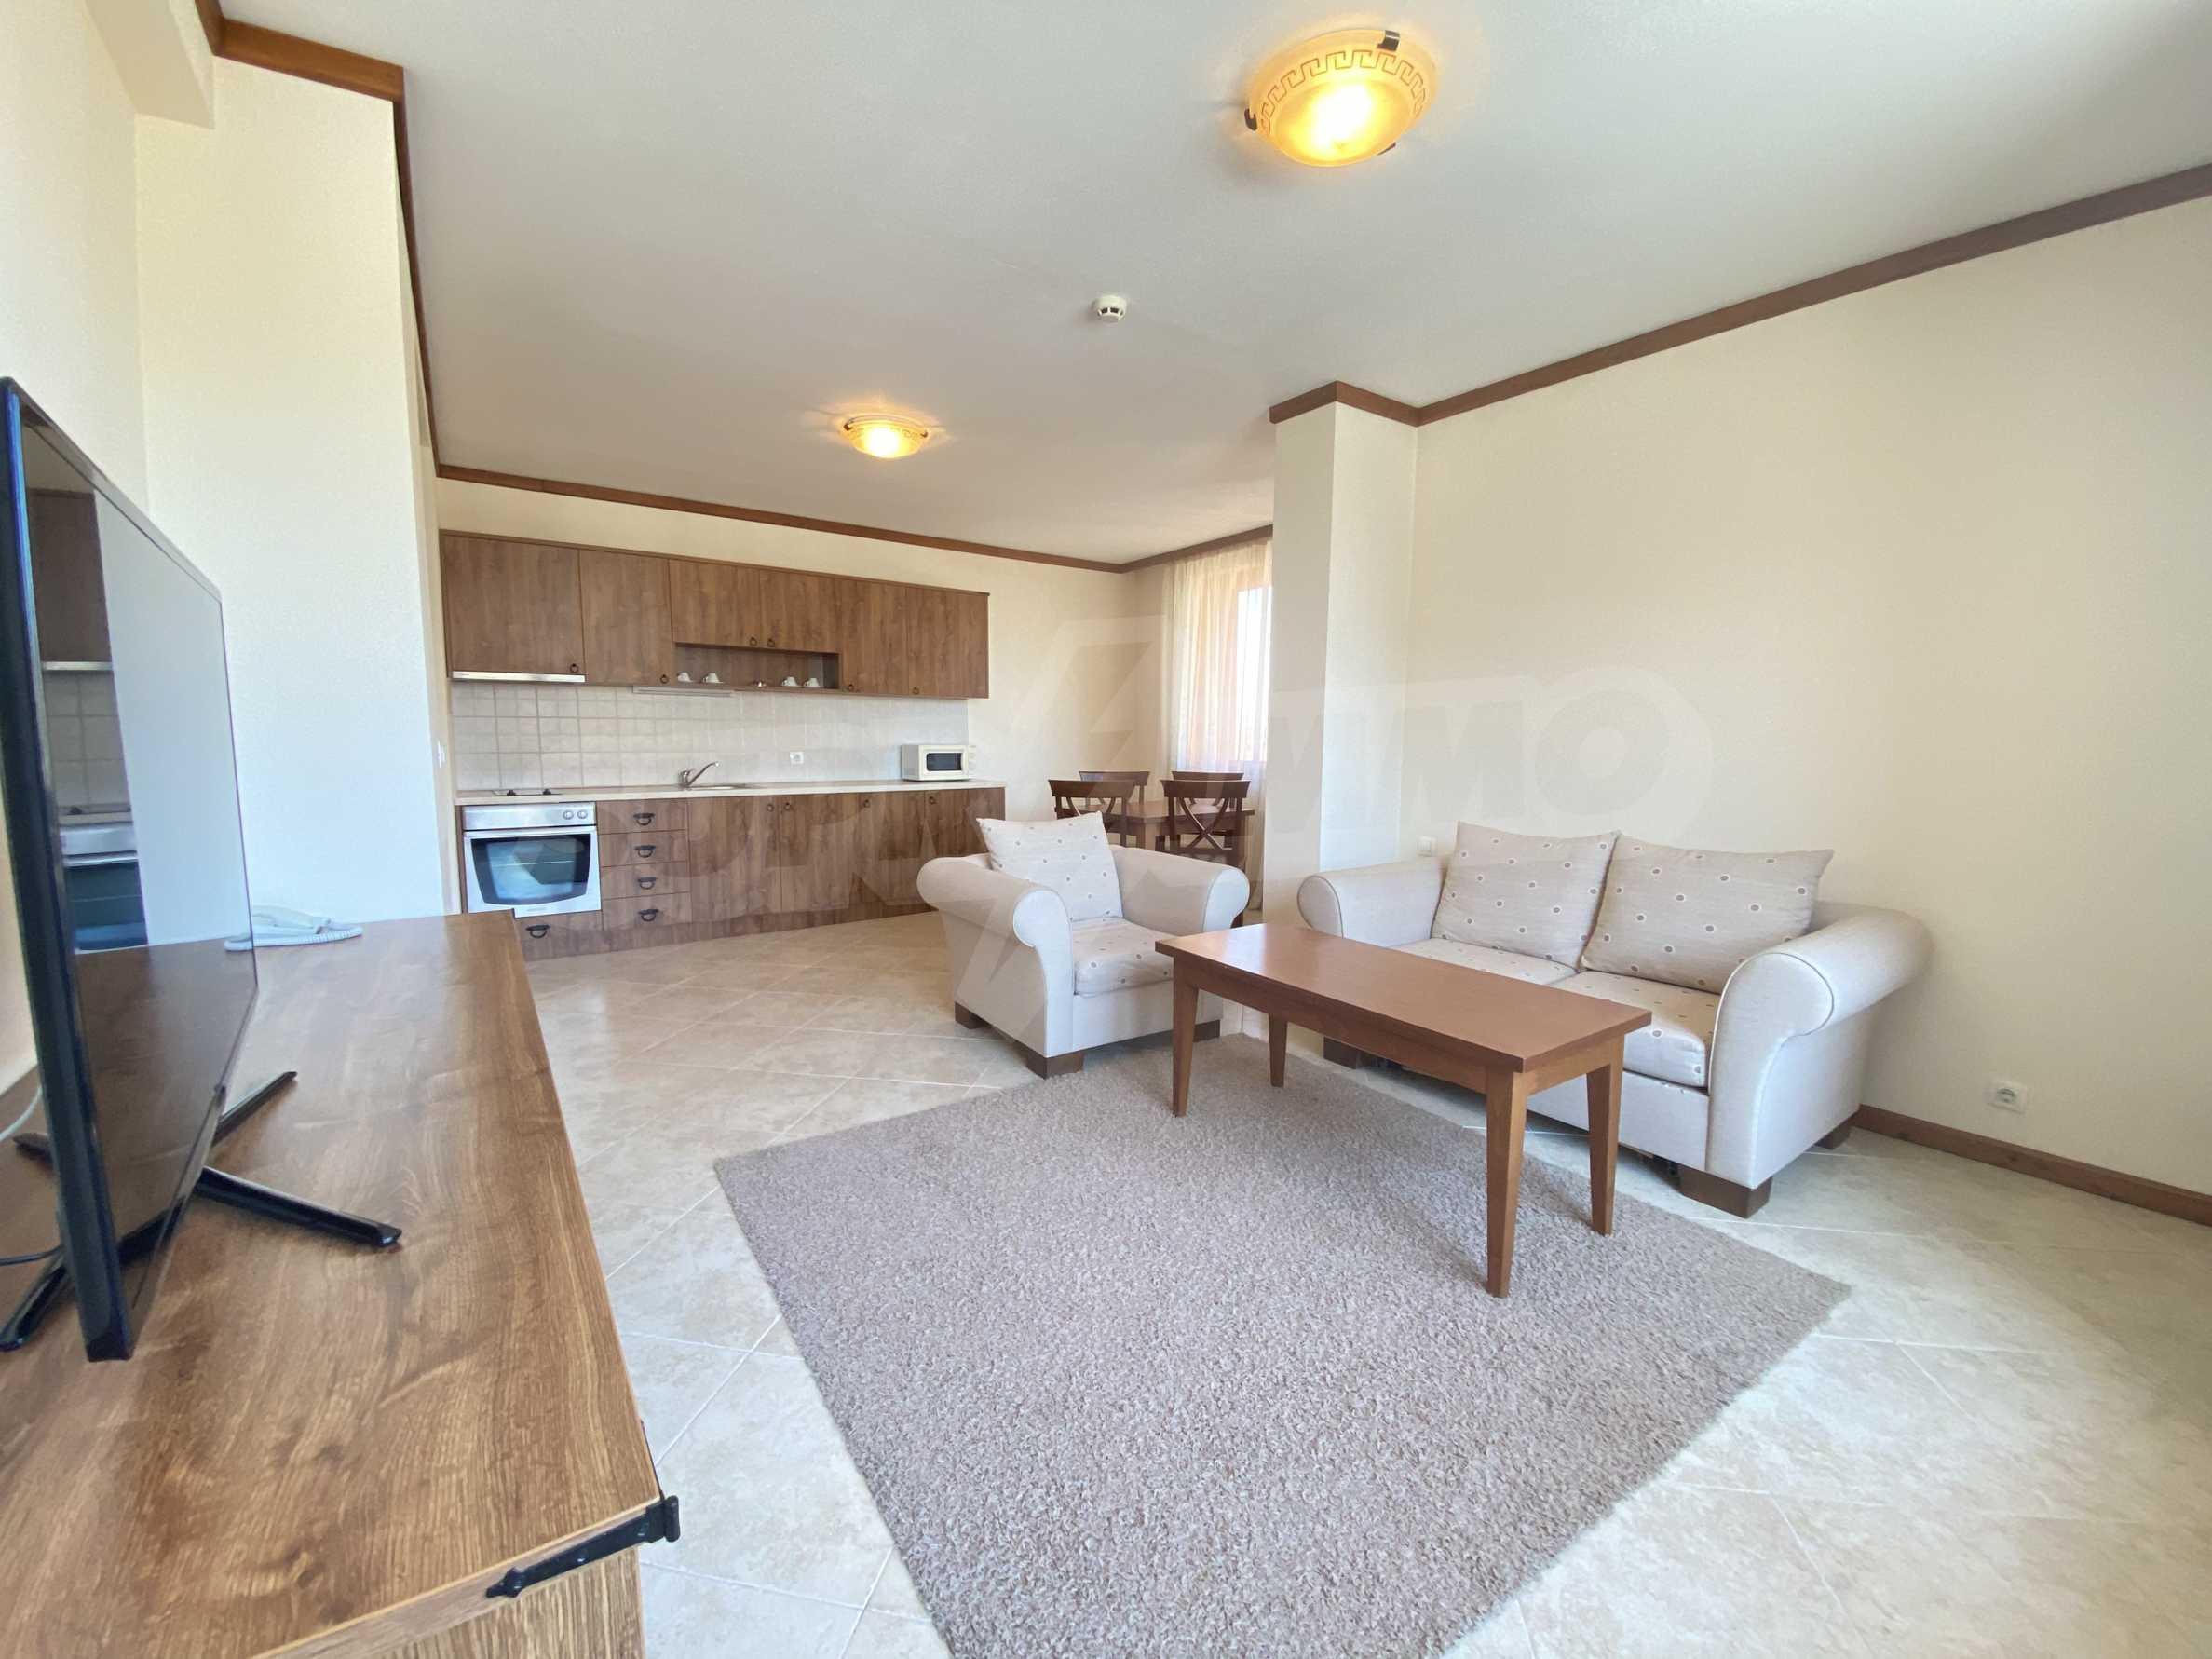 Обзаведен двустаен апартамент в луксозен СПА комплекс в Банско 1